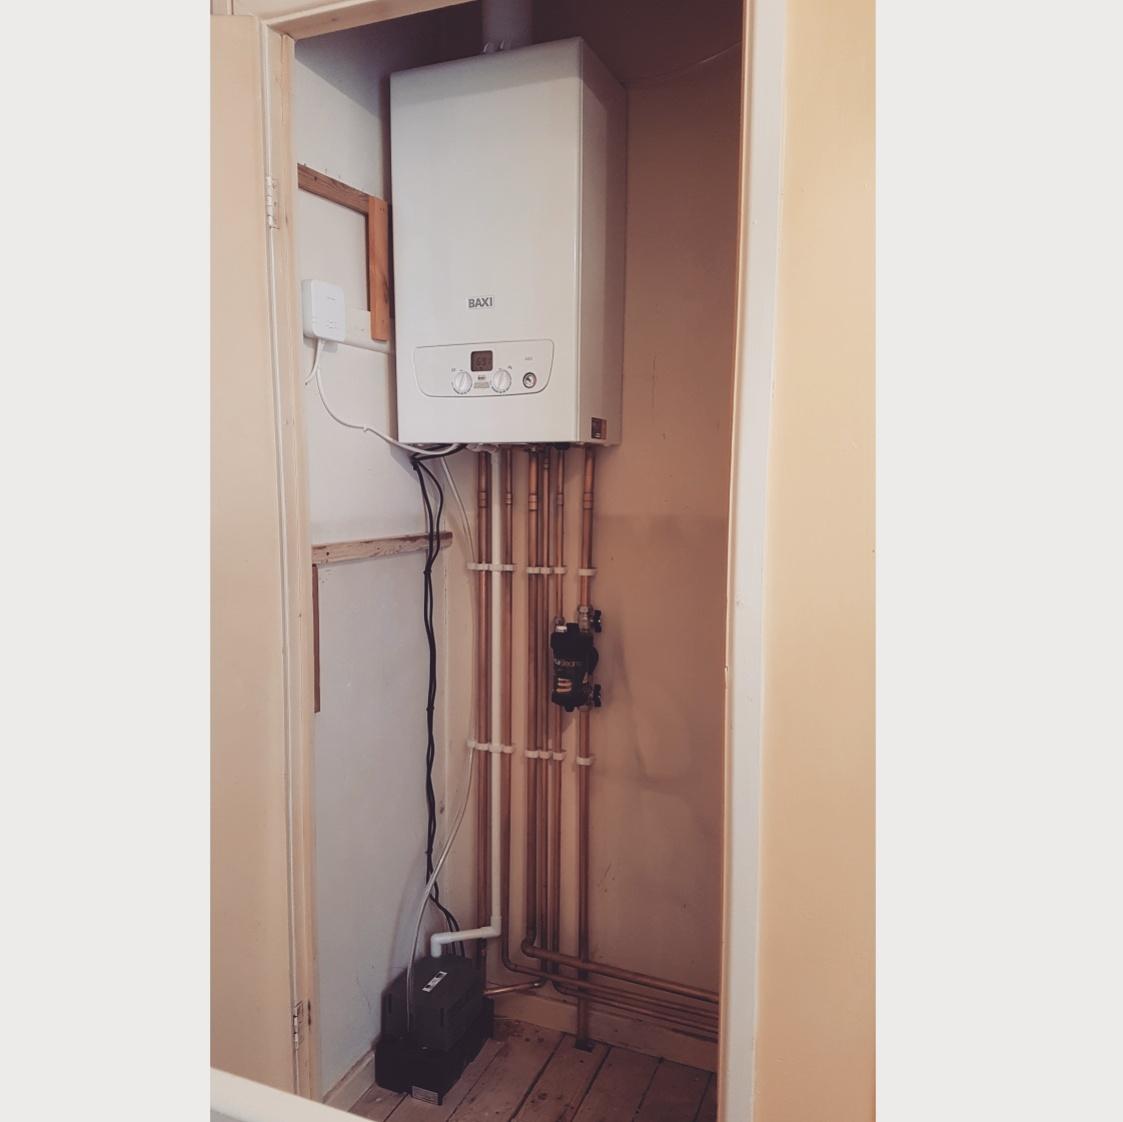 Baxi 626 Combi Boiler